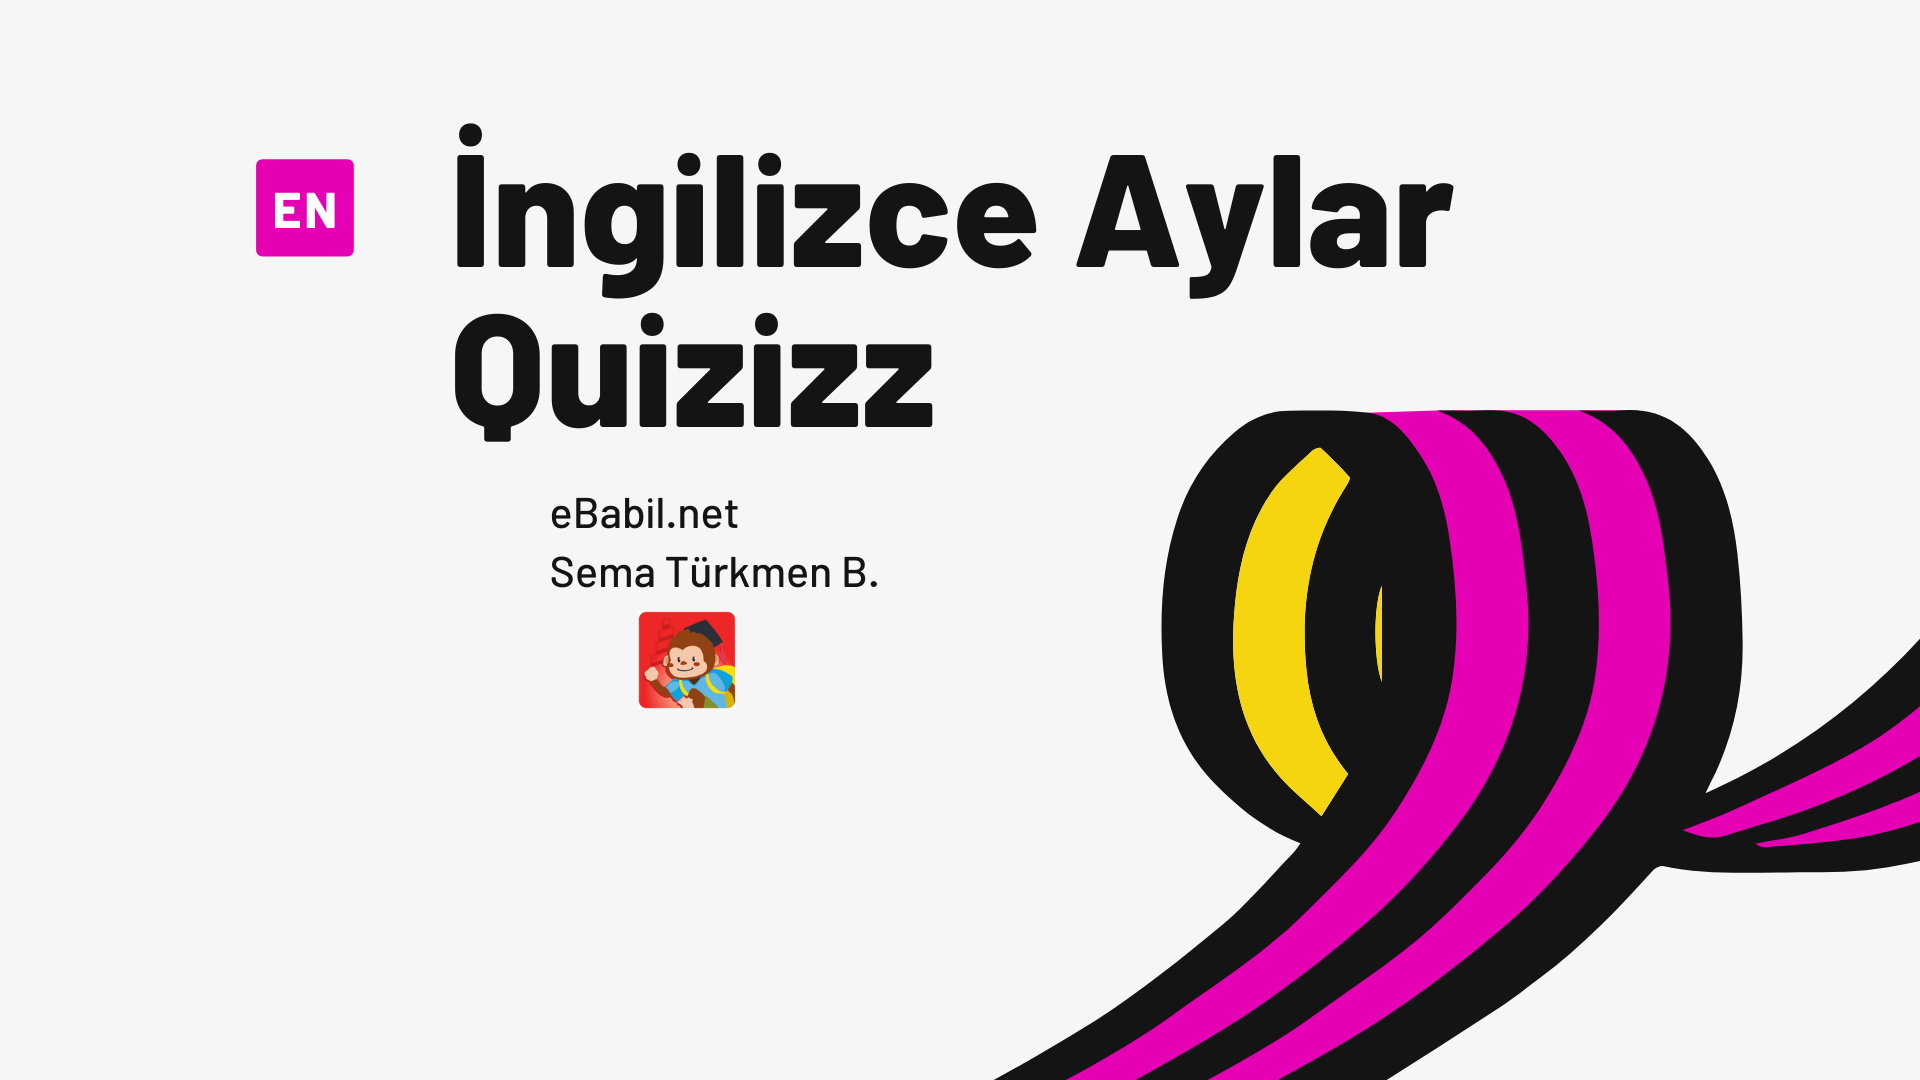 Kelime Oyunu (Quizizz): İngilizce Aylar (Months)